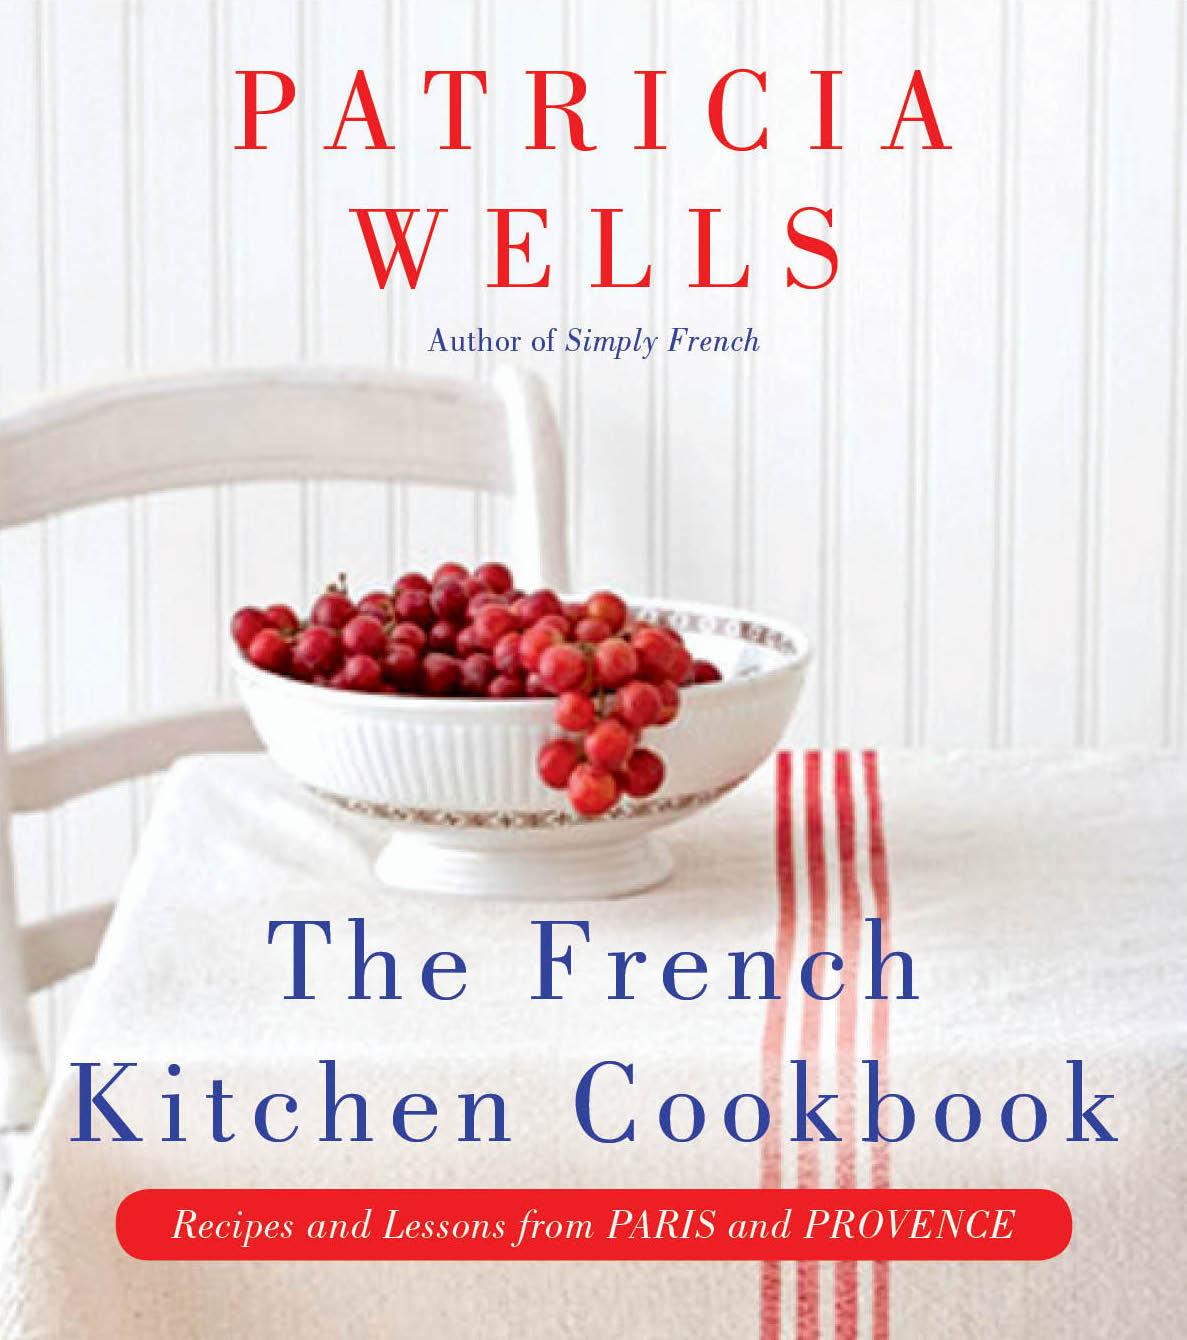 French Kitchen Cookbook.jpg